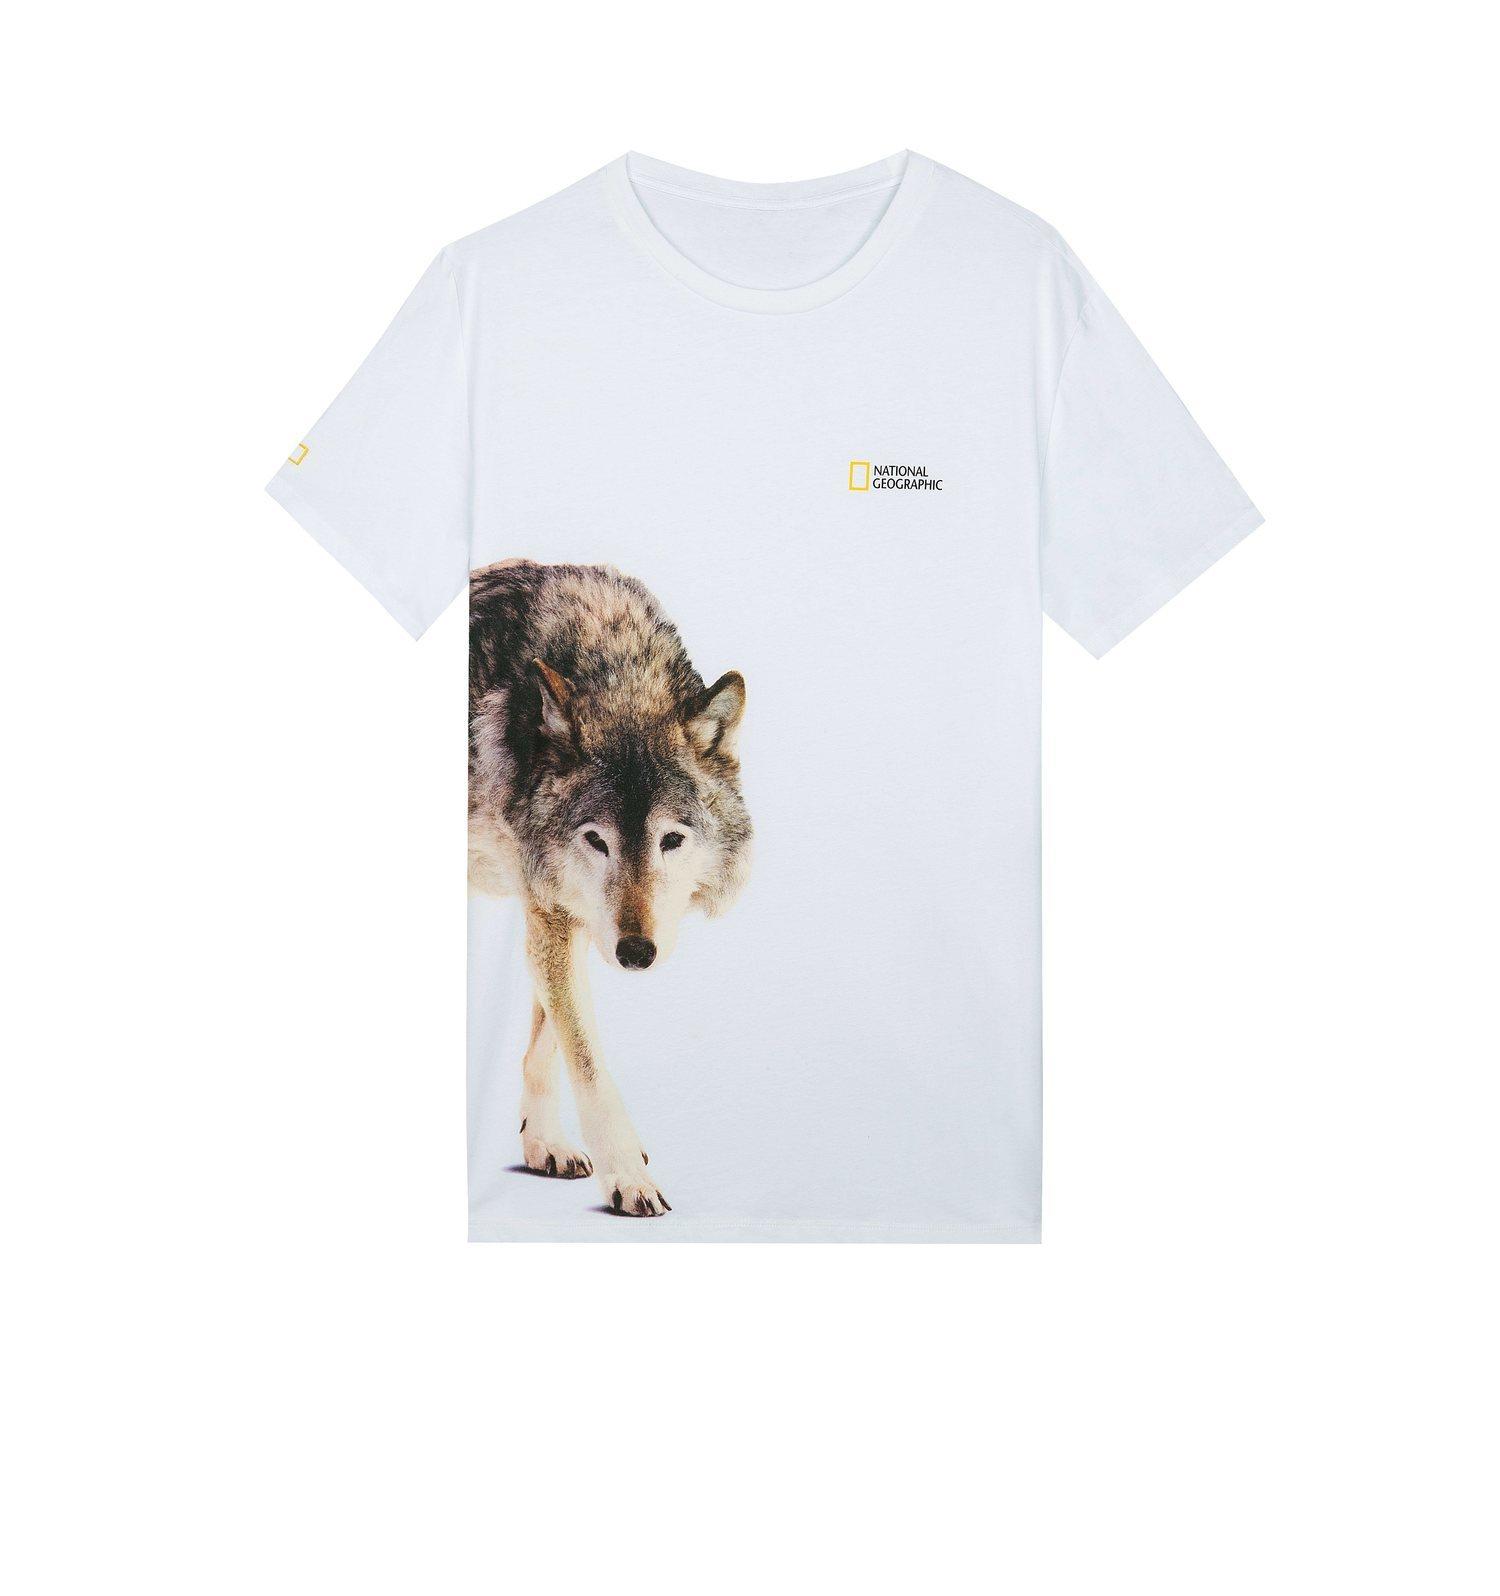 Camiseta National Geographic x Bershka